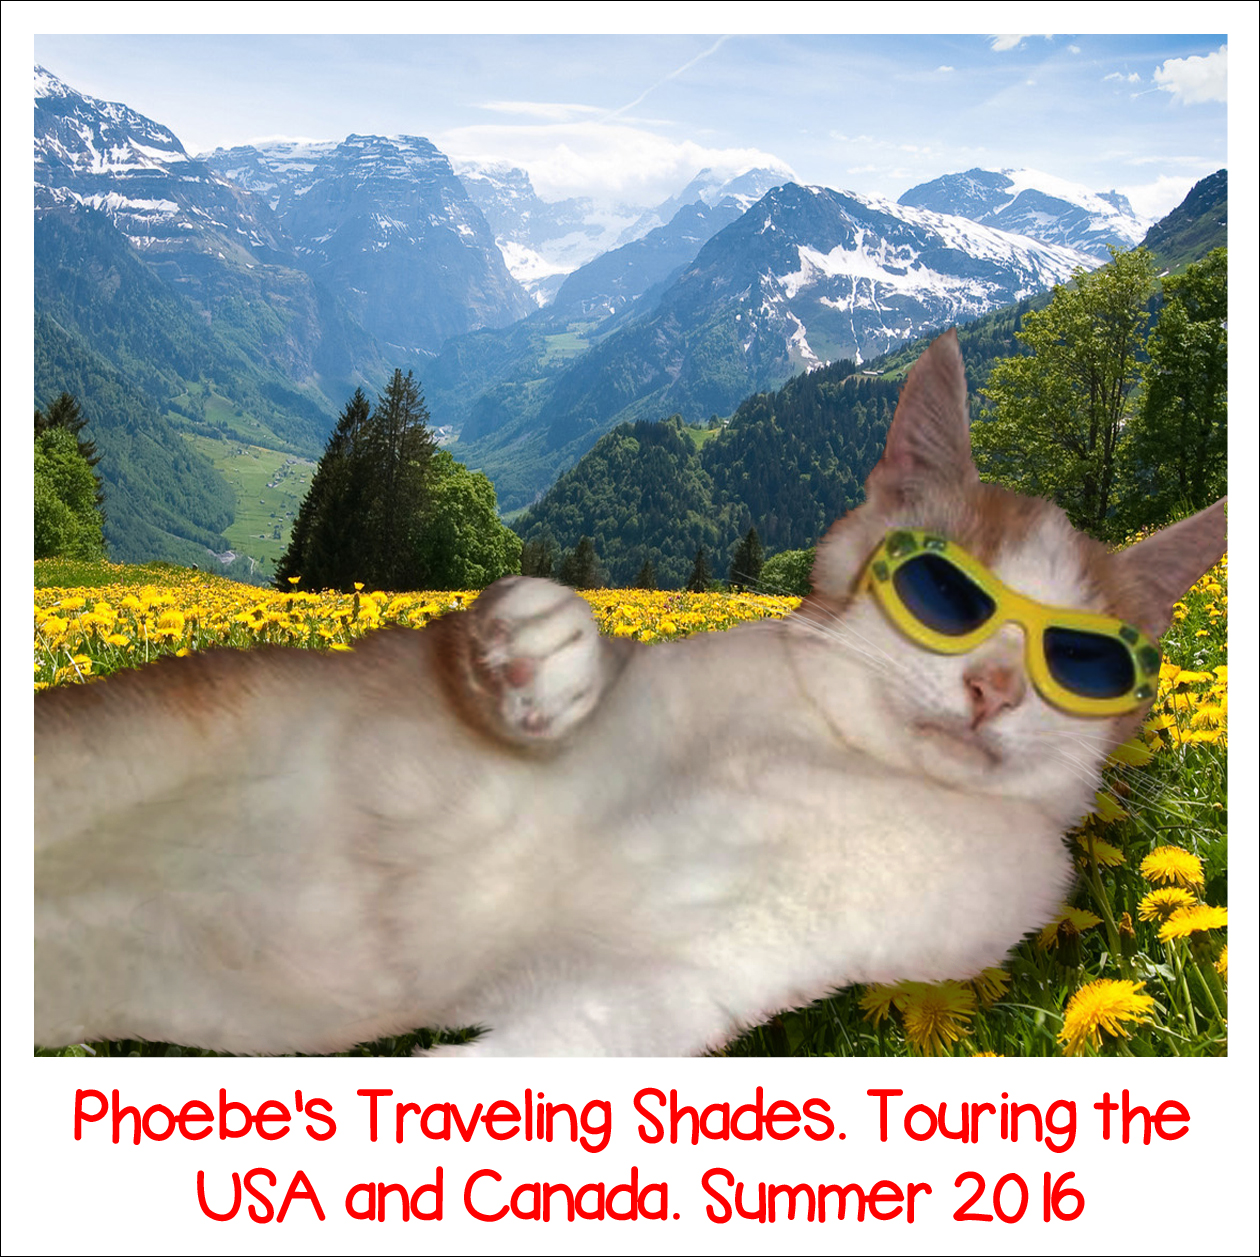 Phoebe's Traveling Shades